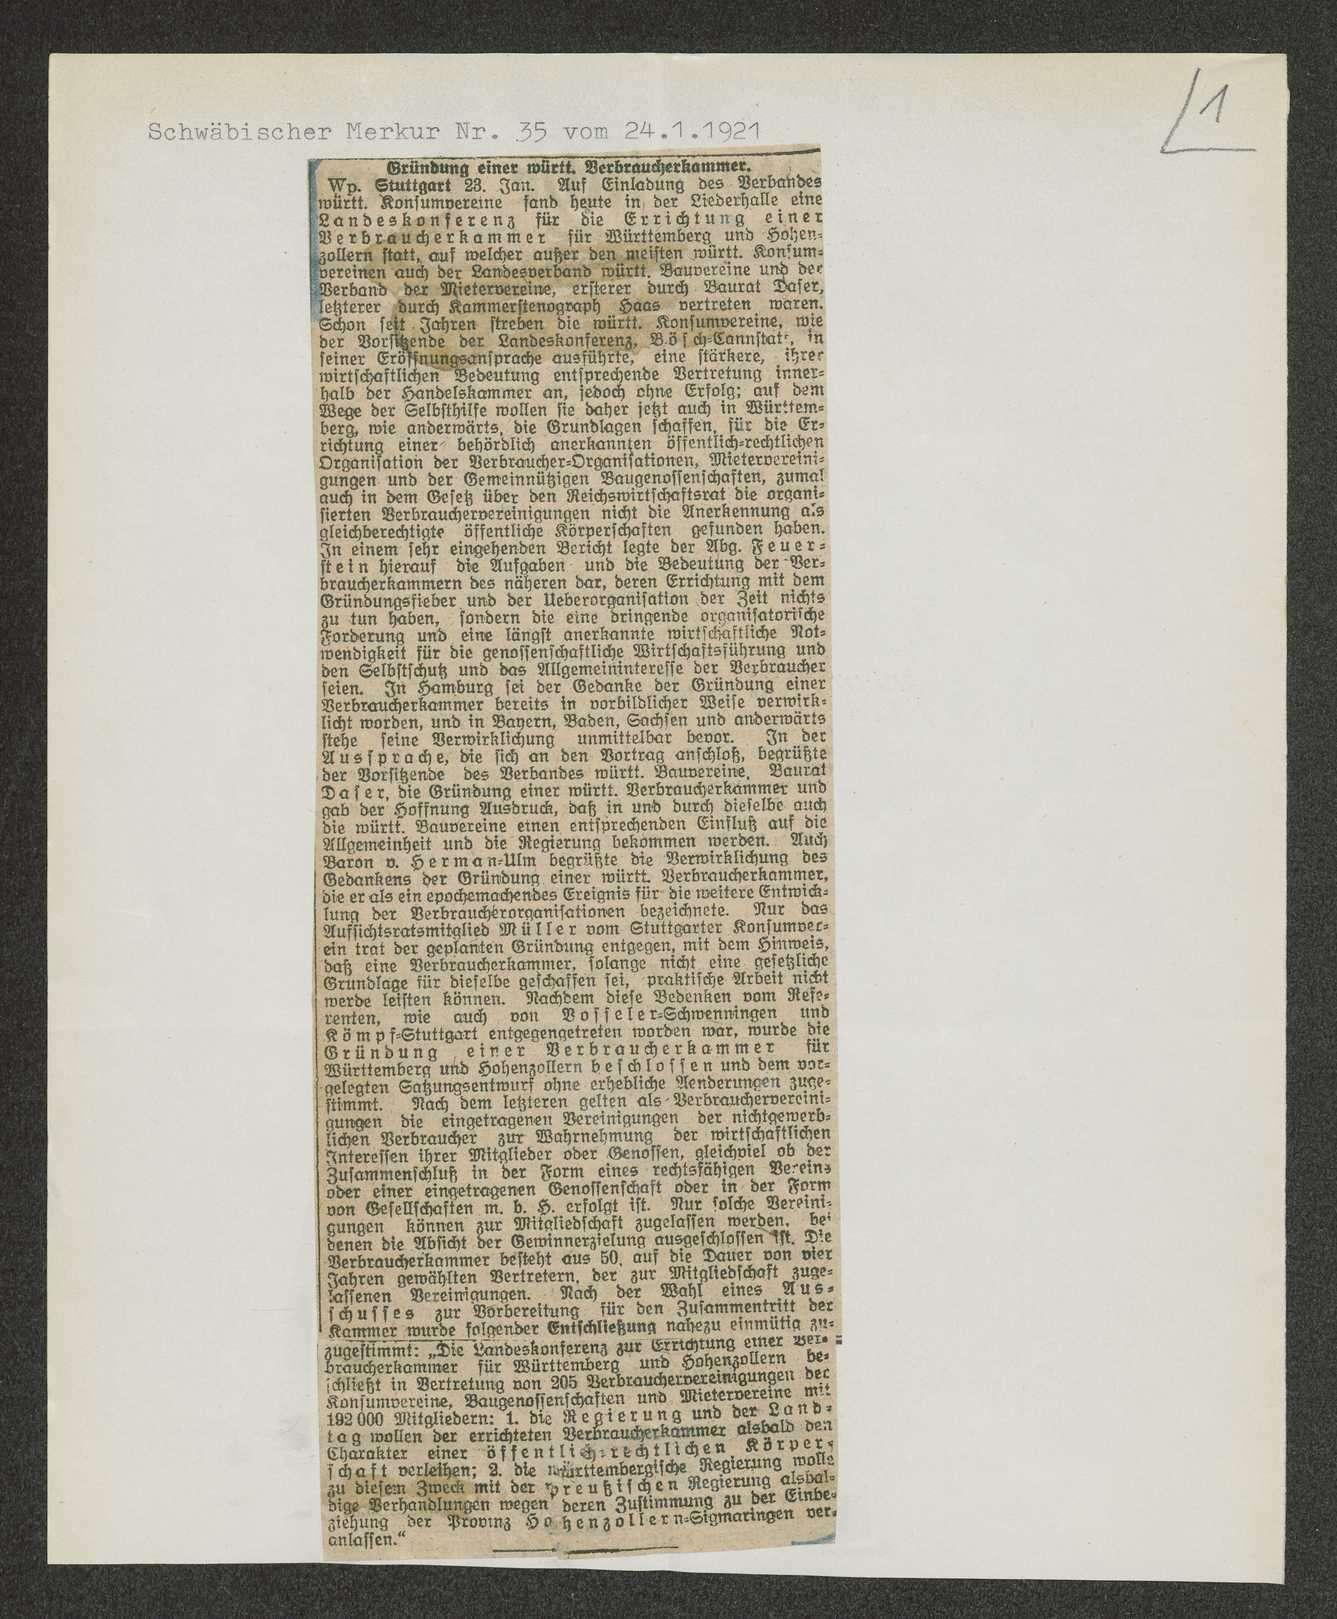 Verbraucherkammer für Württemberg-Hohenzollern mit gedruckter Satzung von 1921, Bild 1